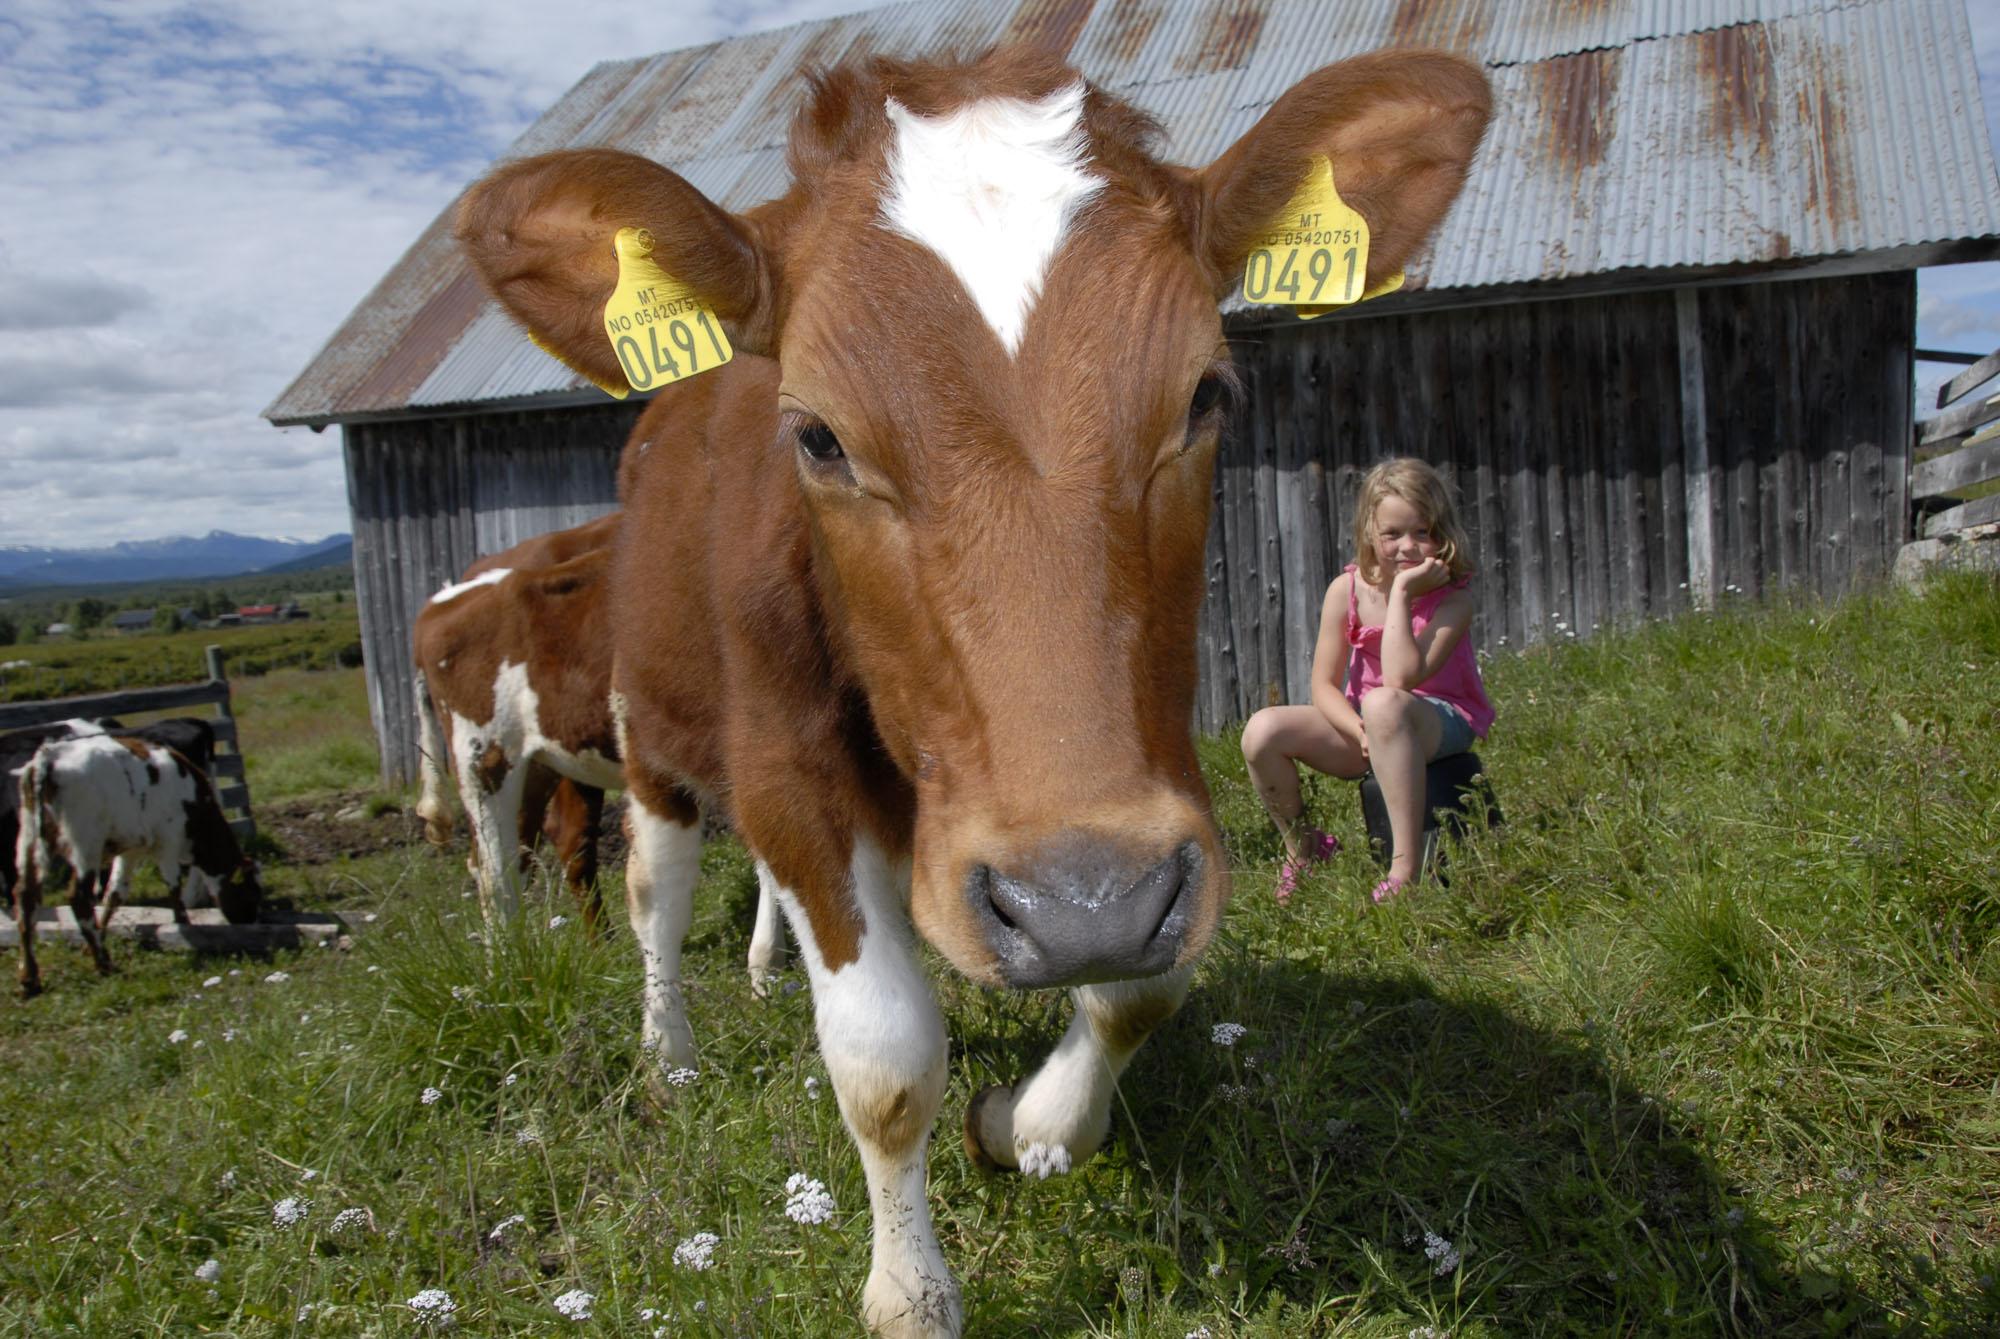 Dyr på beite, viktig for kulturlandskapet. Ku, kyr, kalv. Hallingdal, Valdres, Hemsedal, Golsfjellet, Stølsviddene. Foto: Thorgeir Røer